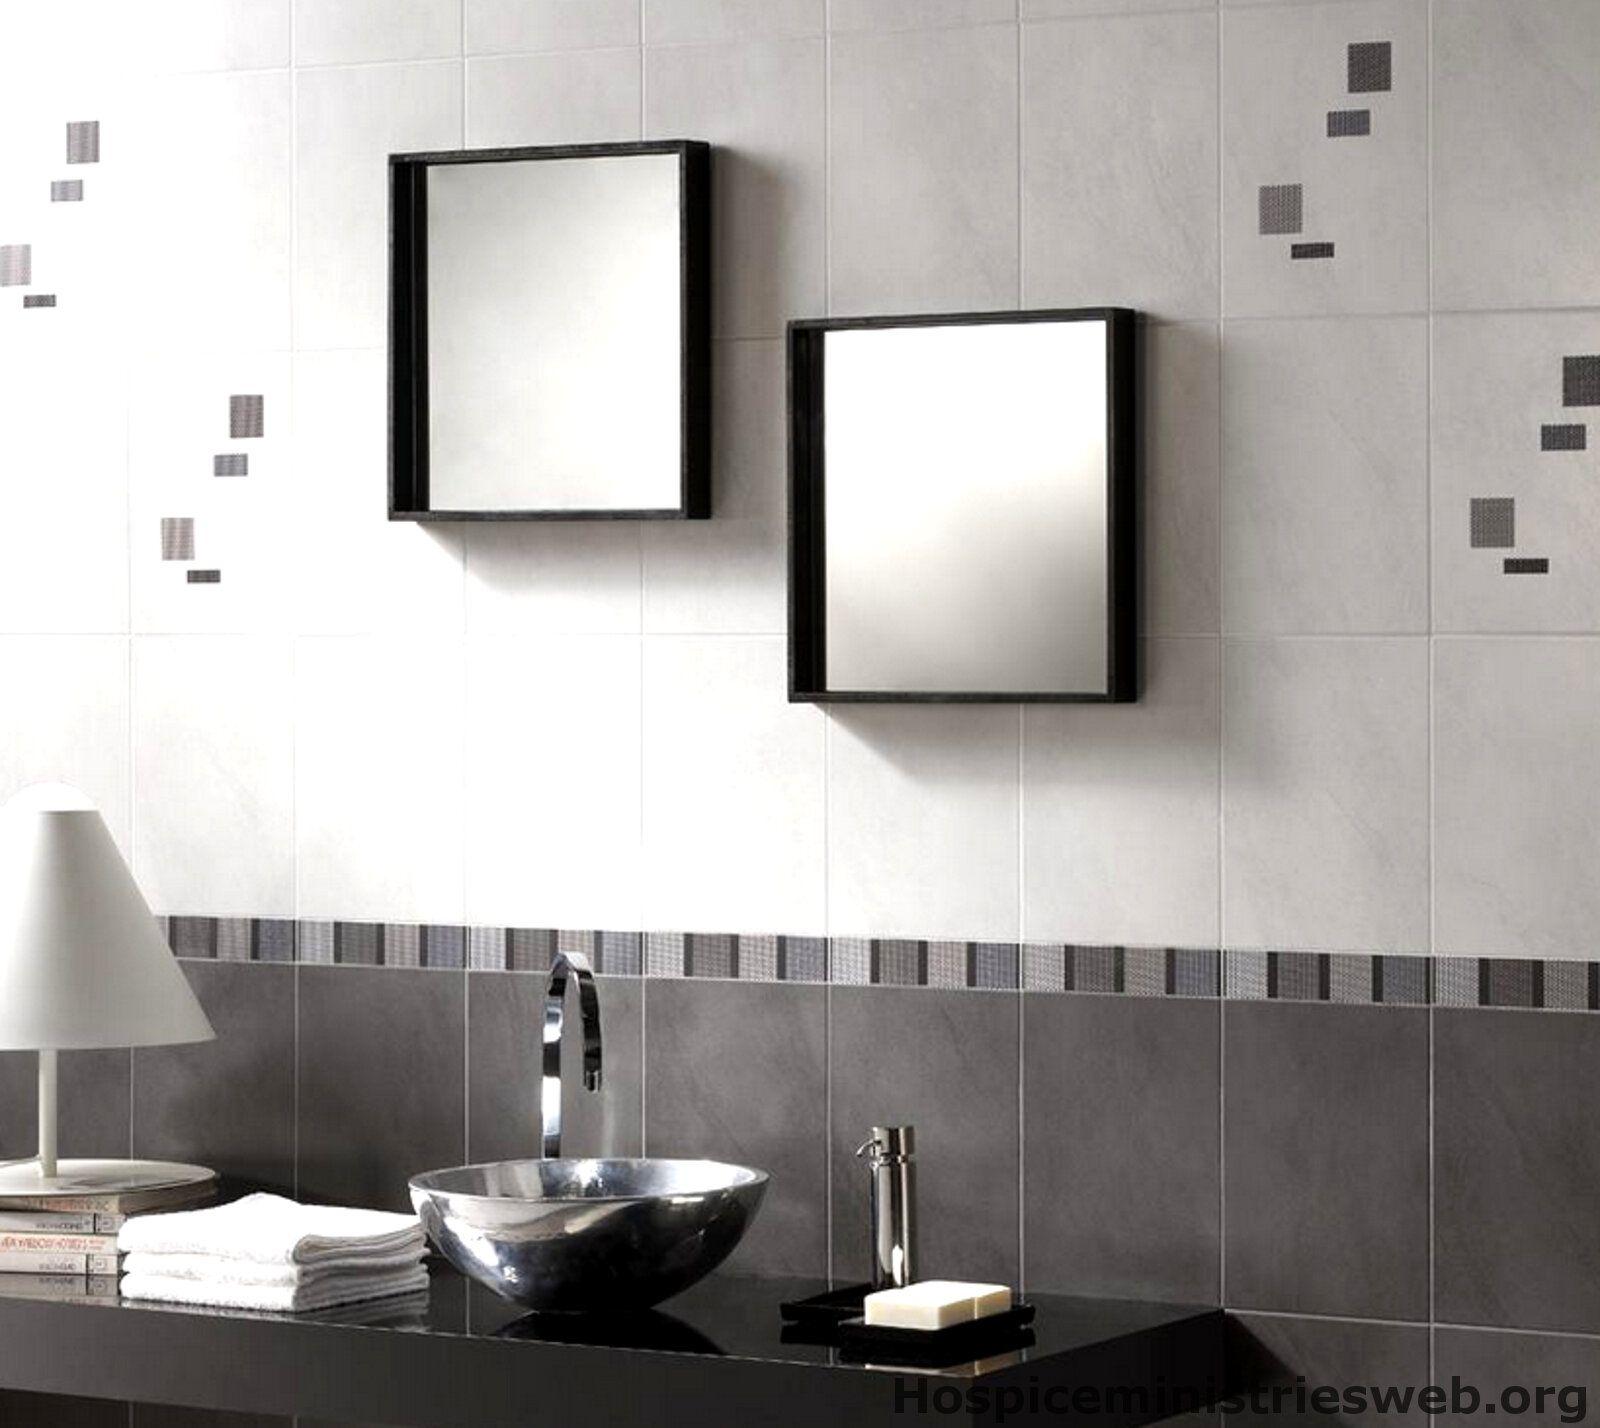 35 Ideen Für Badezimmer Braun Beige Wohn Ideen | Ideen Für ... Badezimmergestaltung Beige Braun